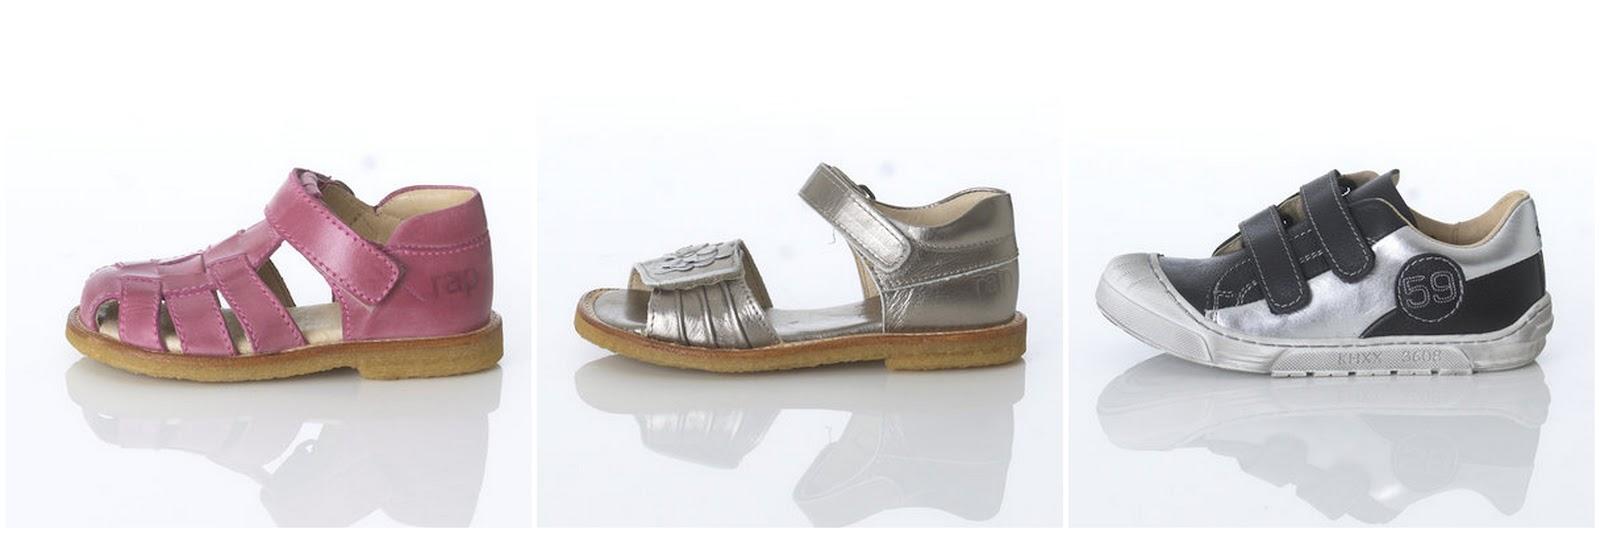 d09680f6f227 Du kan her læse om vores oplevelser af skoene og få chancen for at vinde et  par RAP sko til dit eget barn.